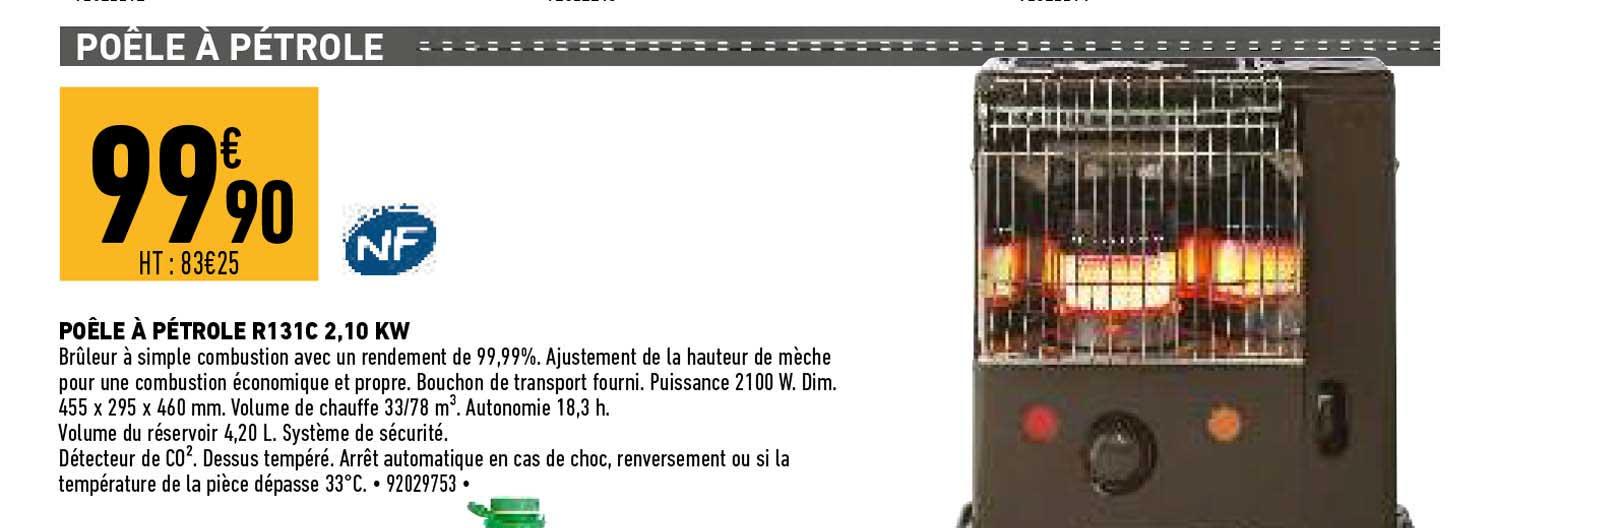 Offre Combustible Pour Poele A Petrole Chez Eleclerc Brico